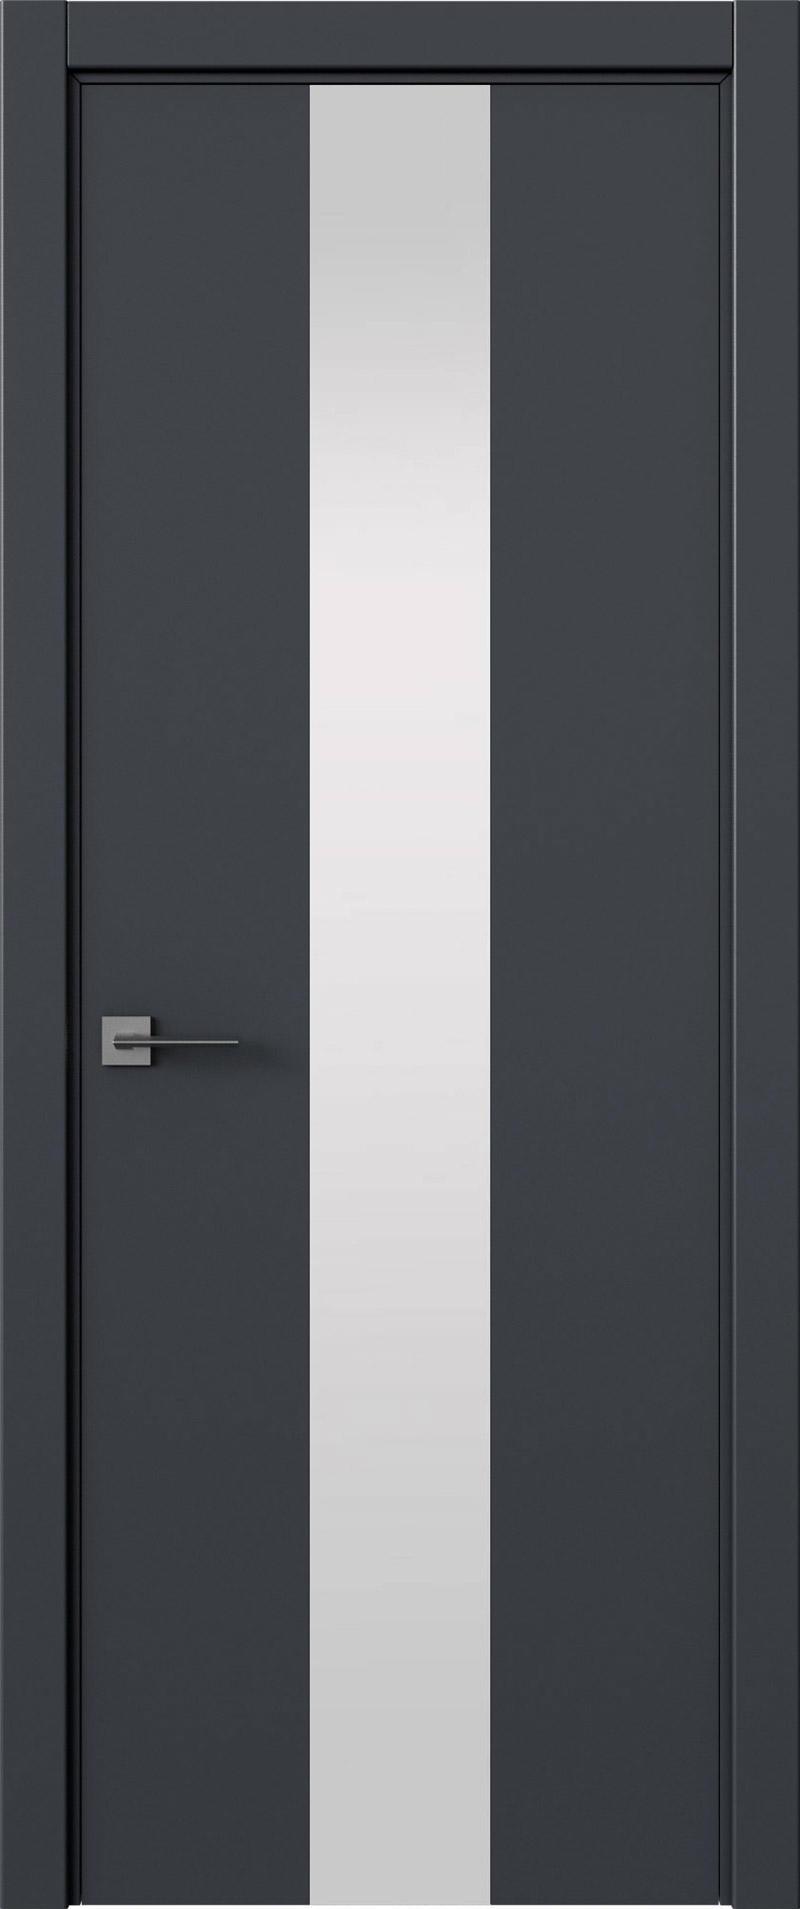 Tivoli Ж-5 цвет - Графитово-серая эмаль (RAL 7024) Со стеклом (ДО)